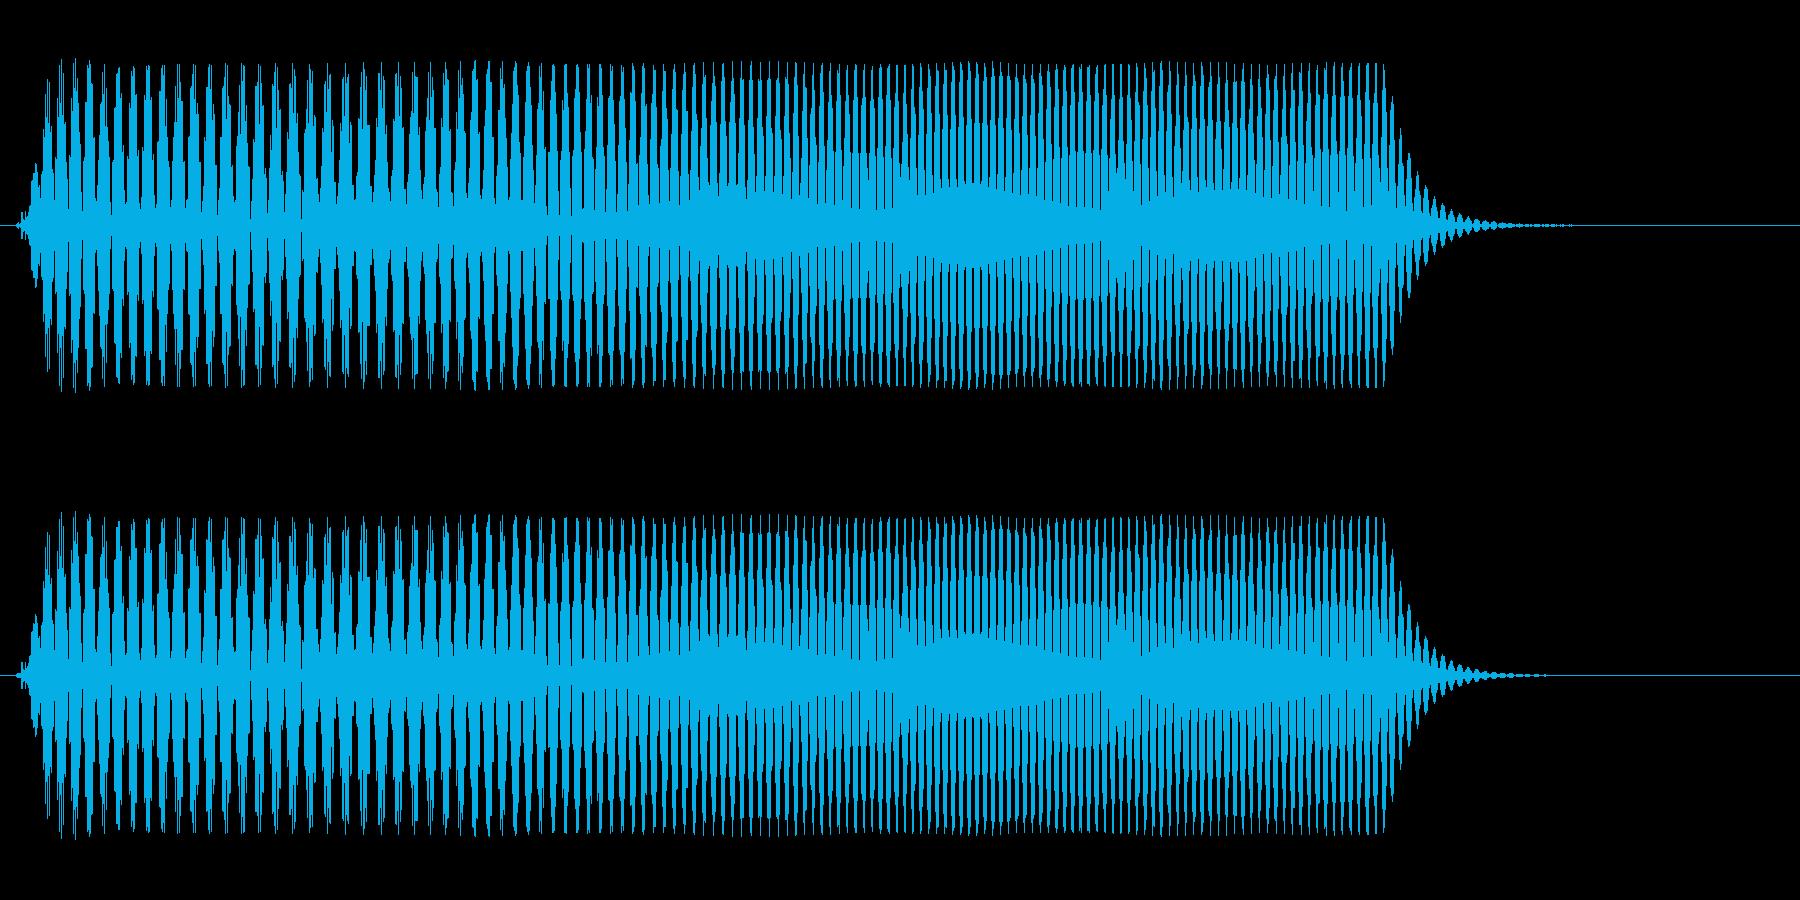 サイレンのようで、高めで短めの効果音の再生済みの波形